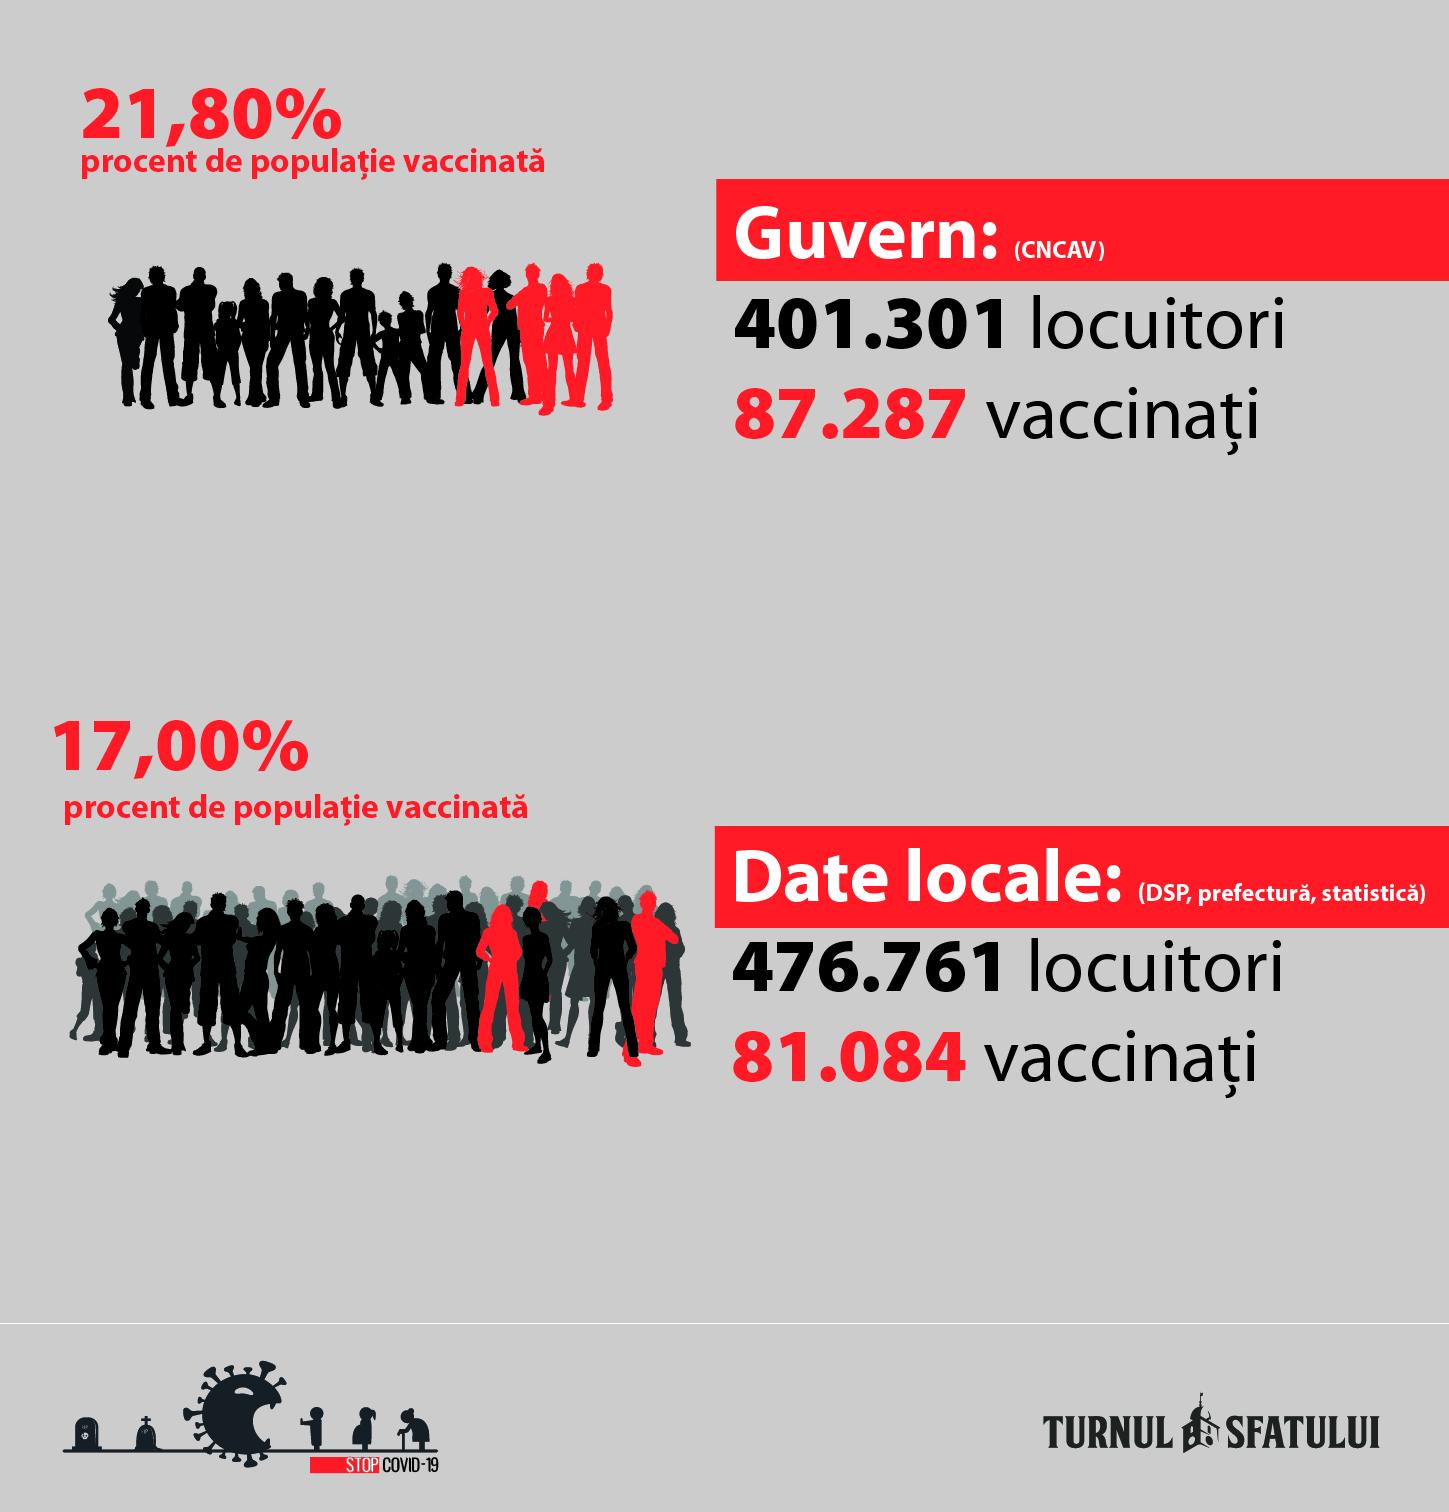 Procentul de vaccinare al sibienilor, umflat cu 5%. Guvernul șterge 70 de mii de locuitori și crește numărul de vaccinuri cu peste 5 mii